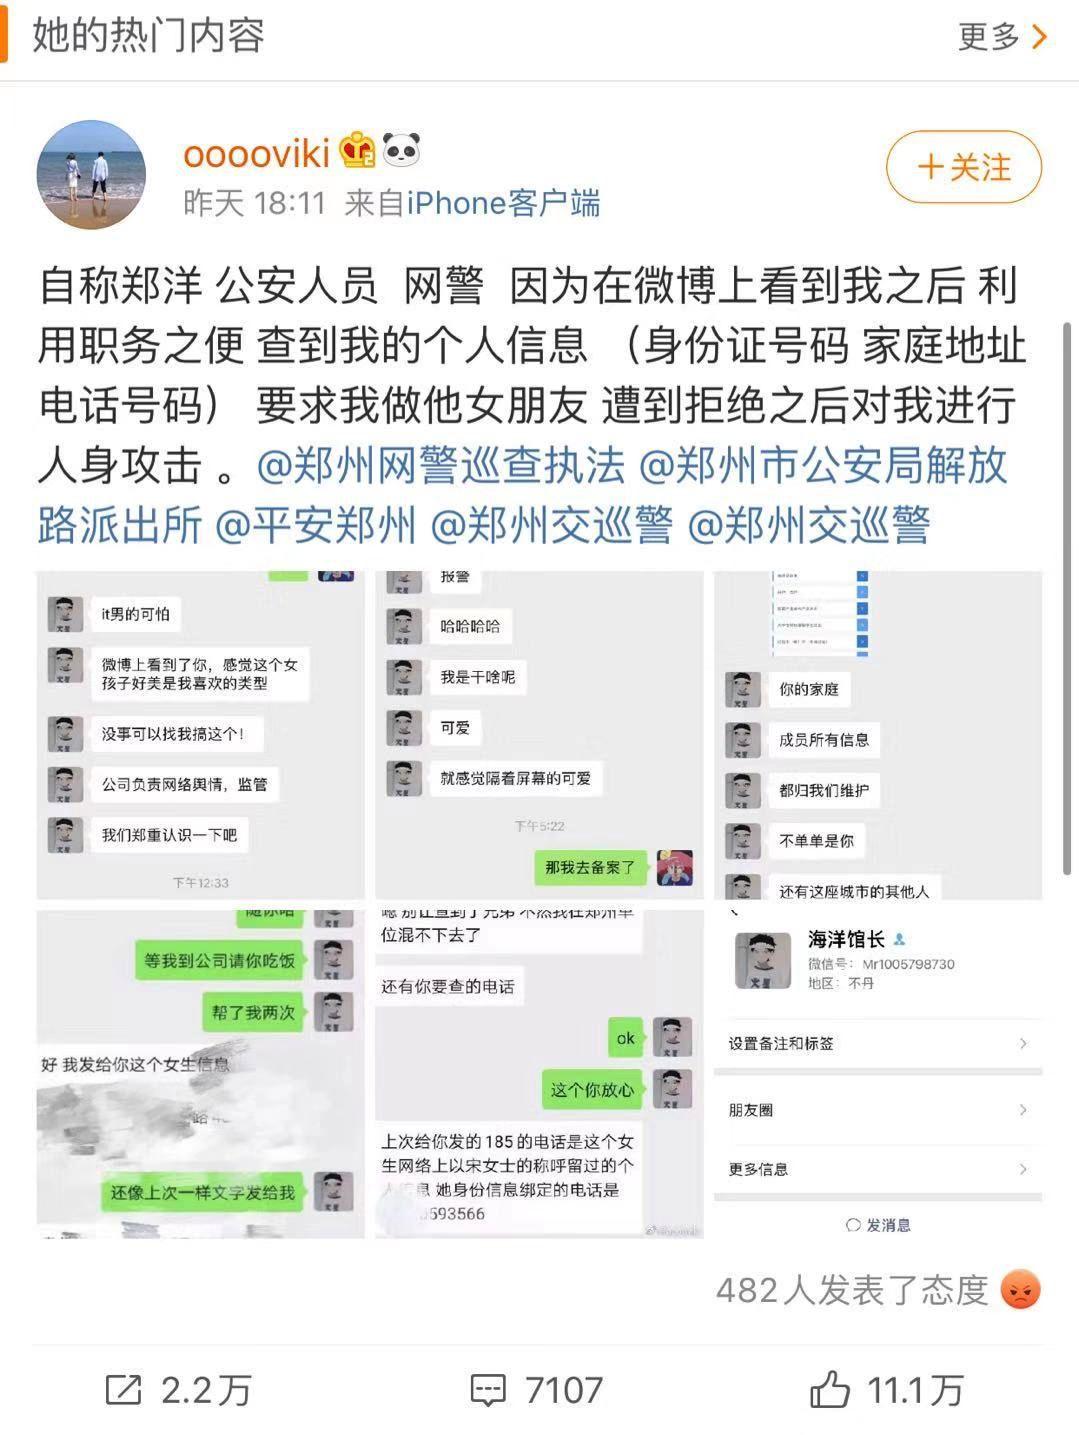 """微博女网友个人信息疑遭""""网警""""查询,求交往!官方回应来了……"""